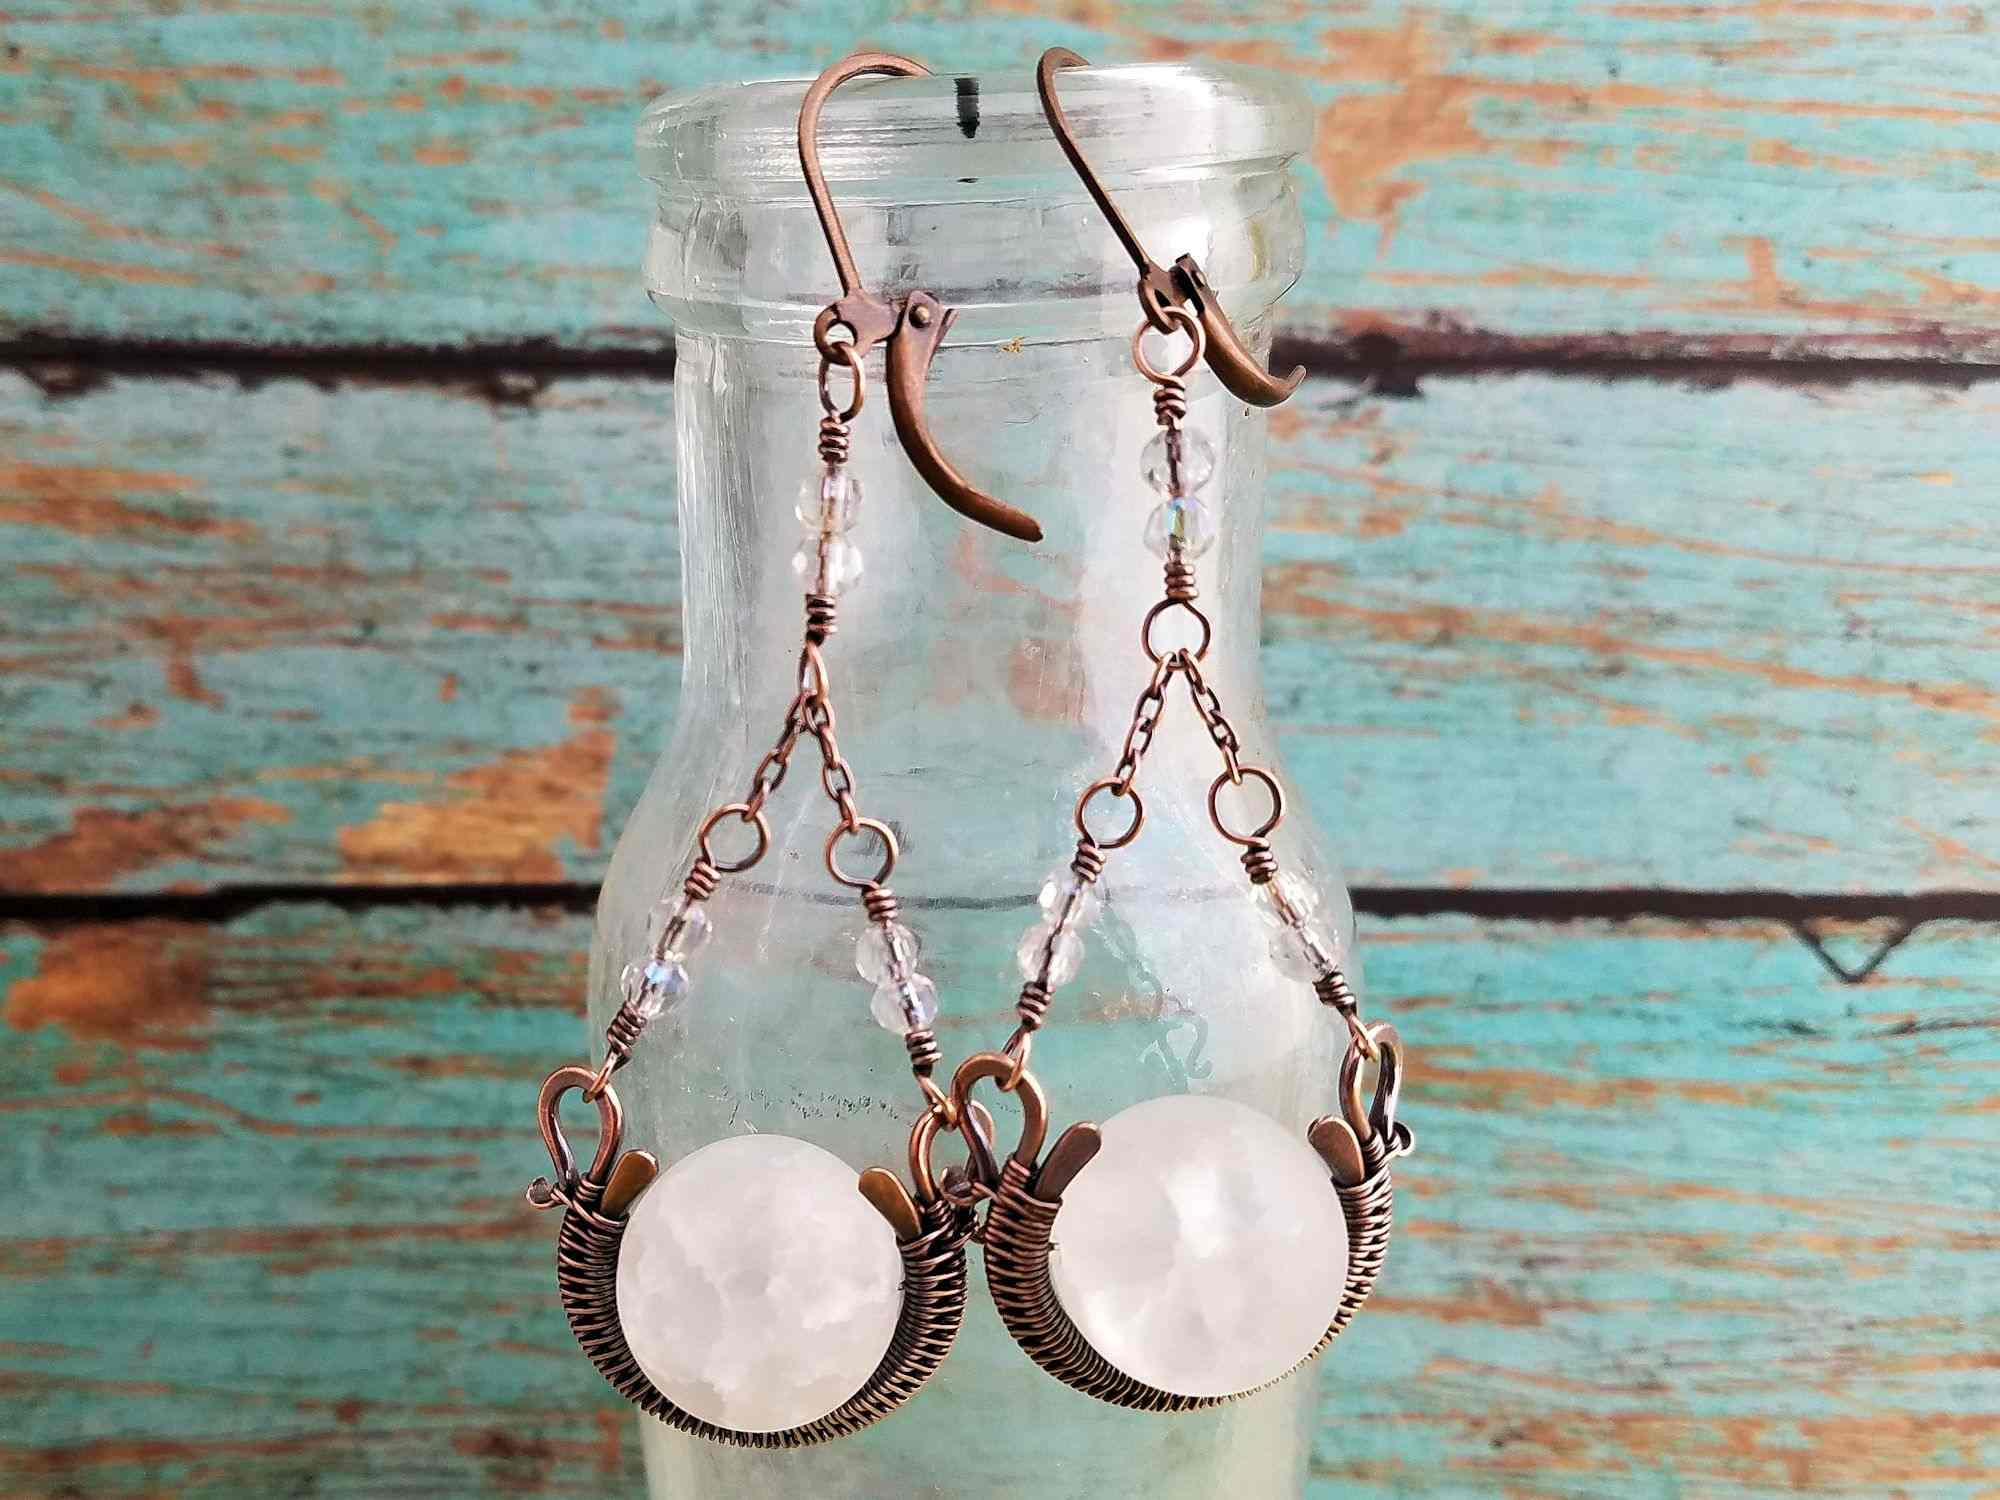 Door 44 Studios Chalice Earrings - Feature Image